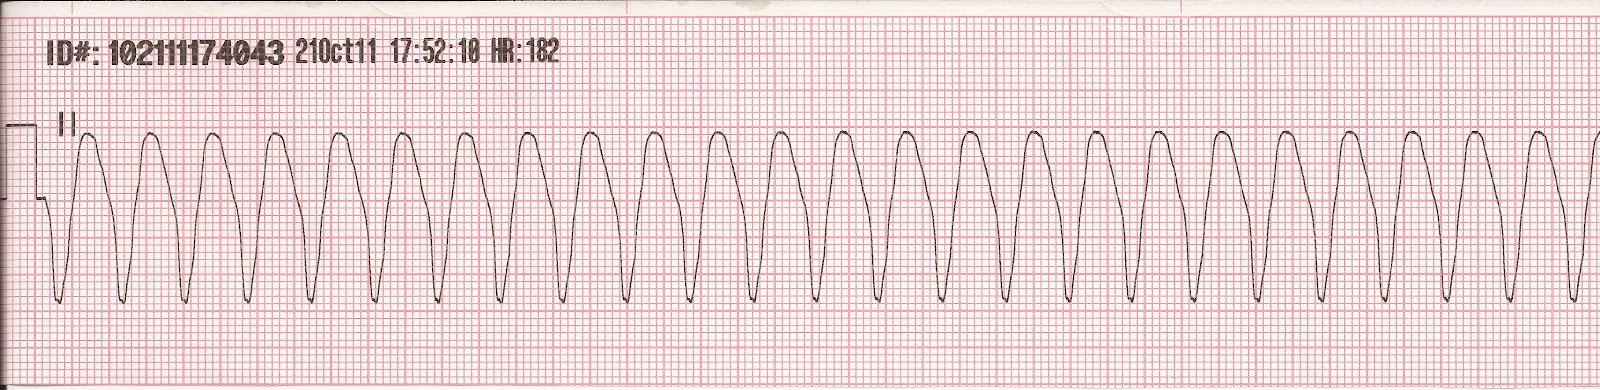 Float Nurse: EKG Rhythm Strip Quiz 1 Ventricular Tachycardia Rhythm Strip